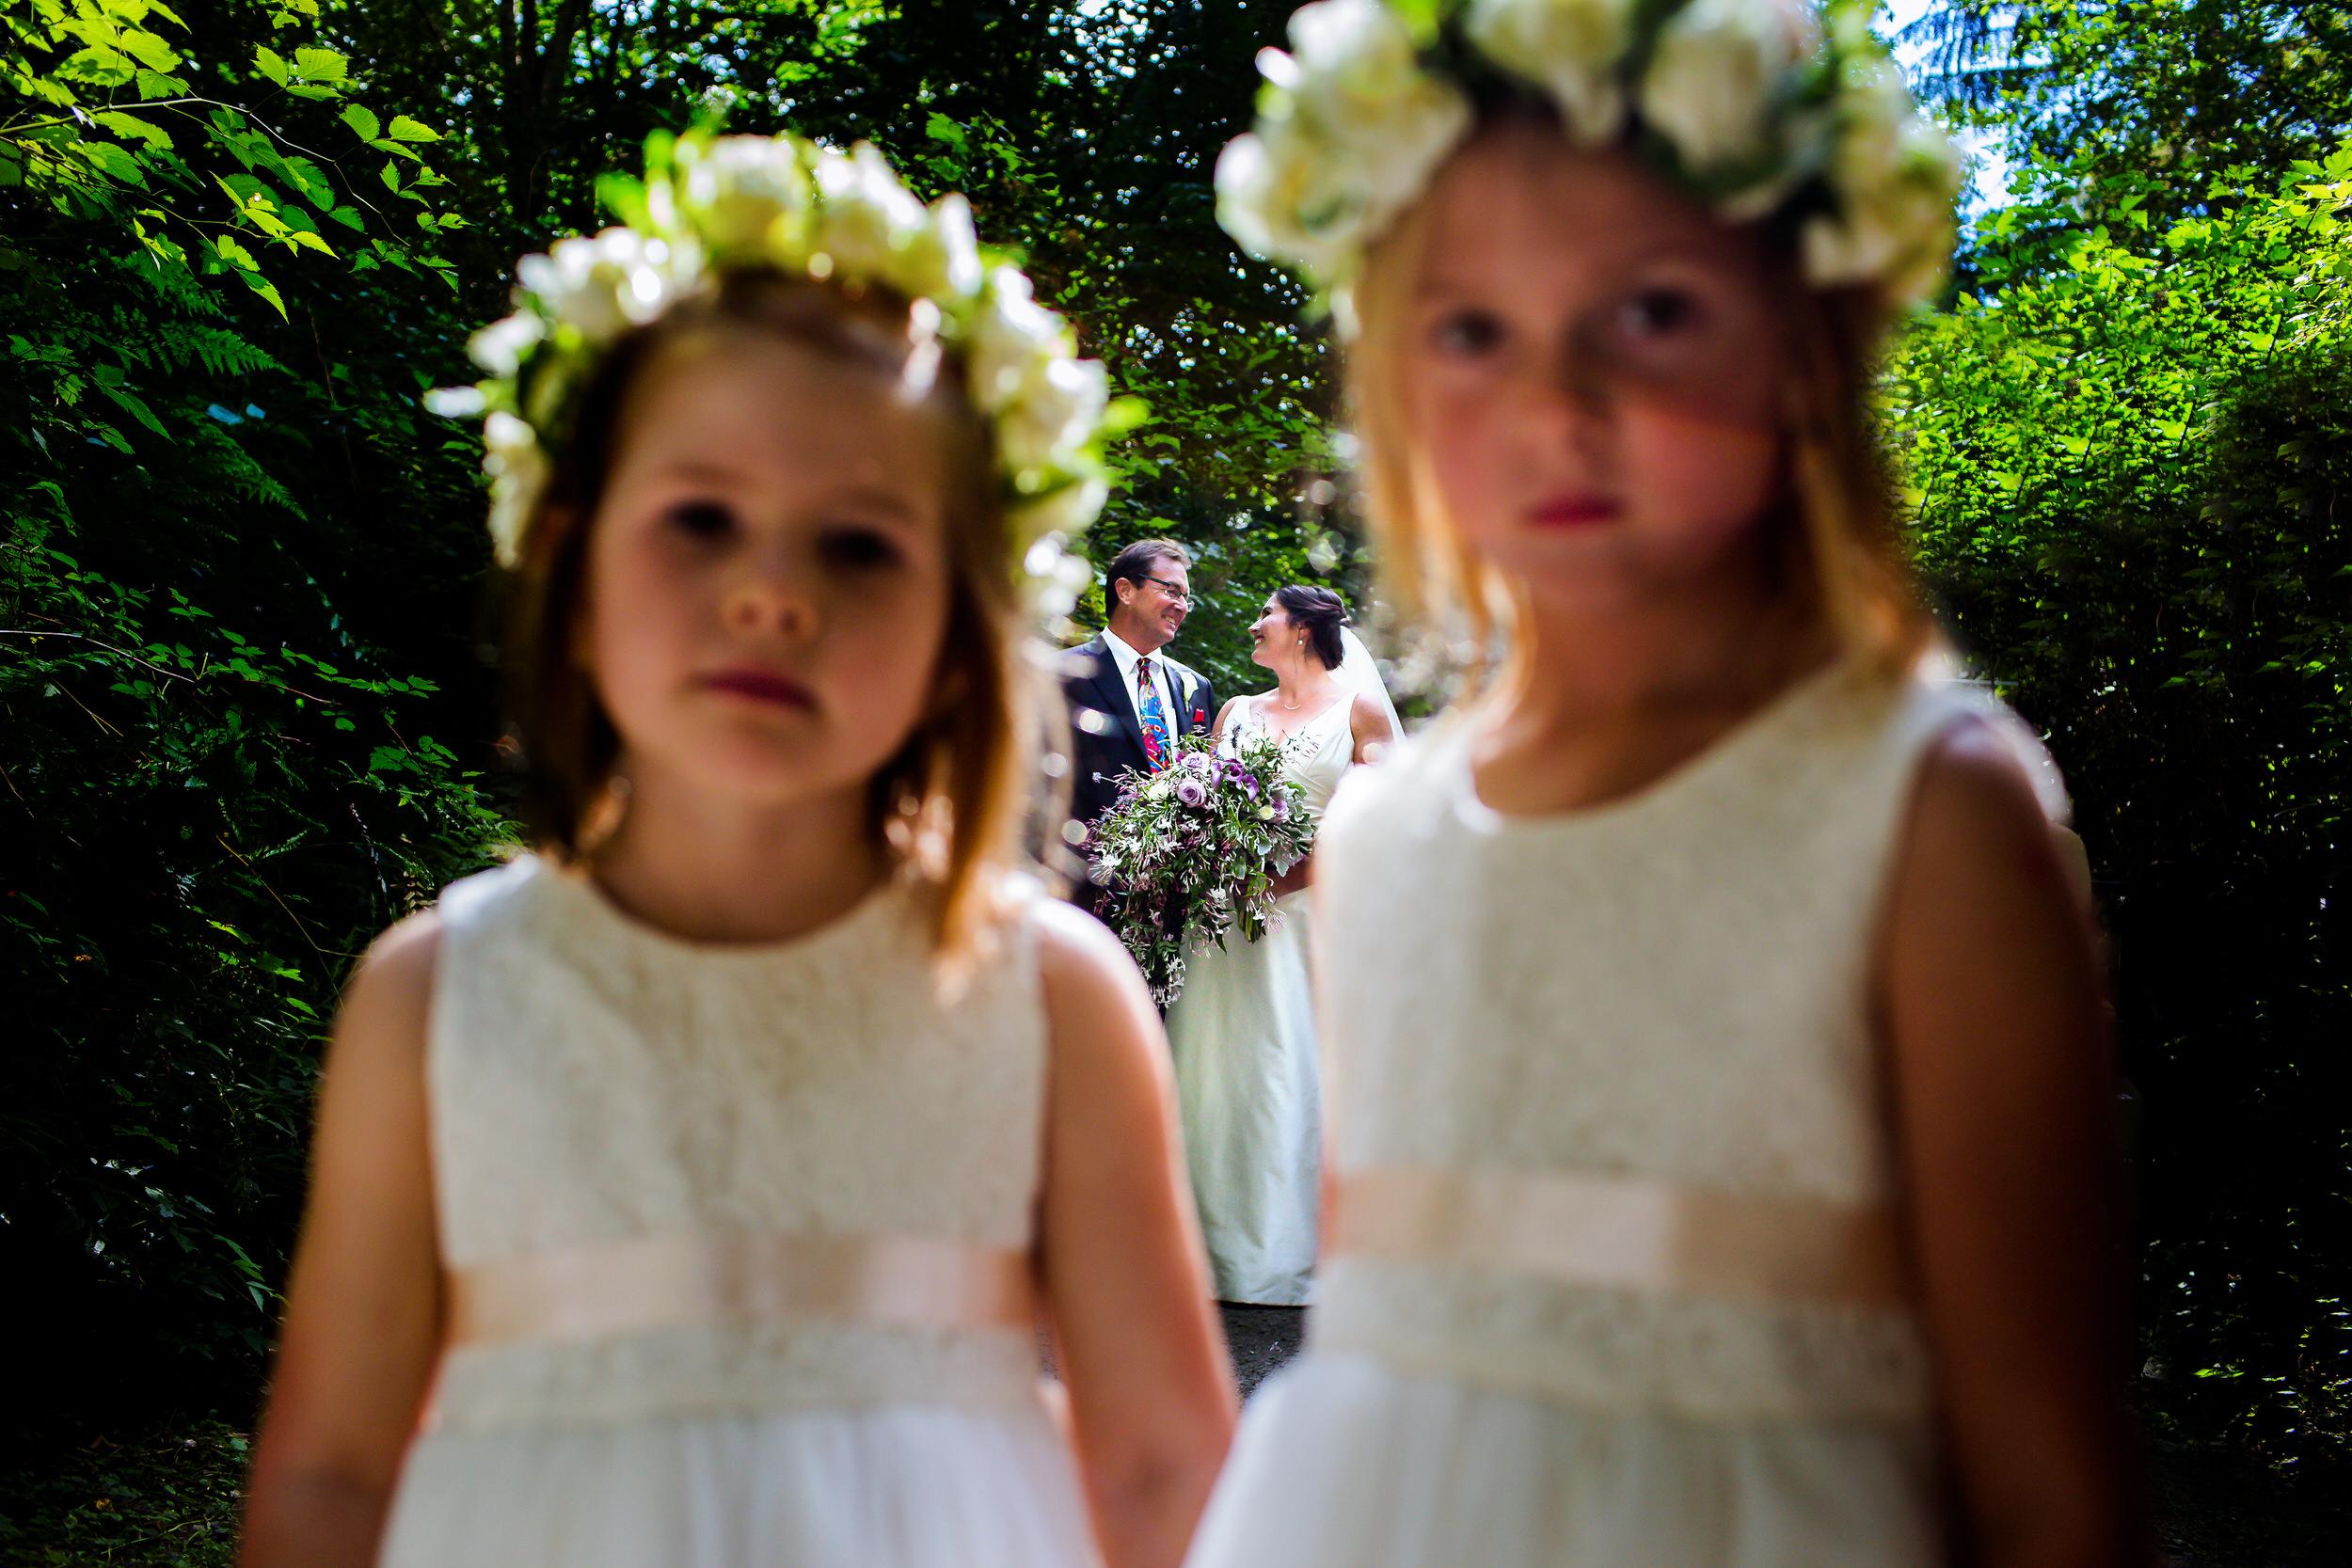 Islandwood_Retreat_Bambridge_Island_Washington_Wedding_018